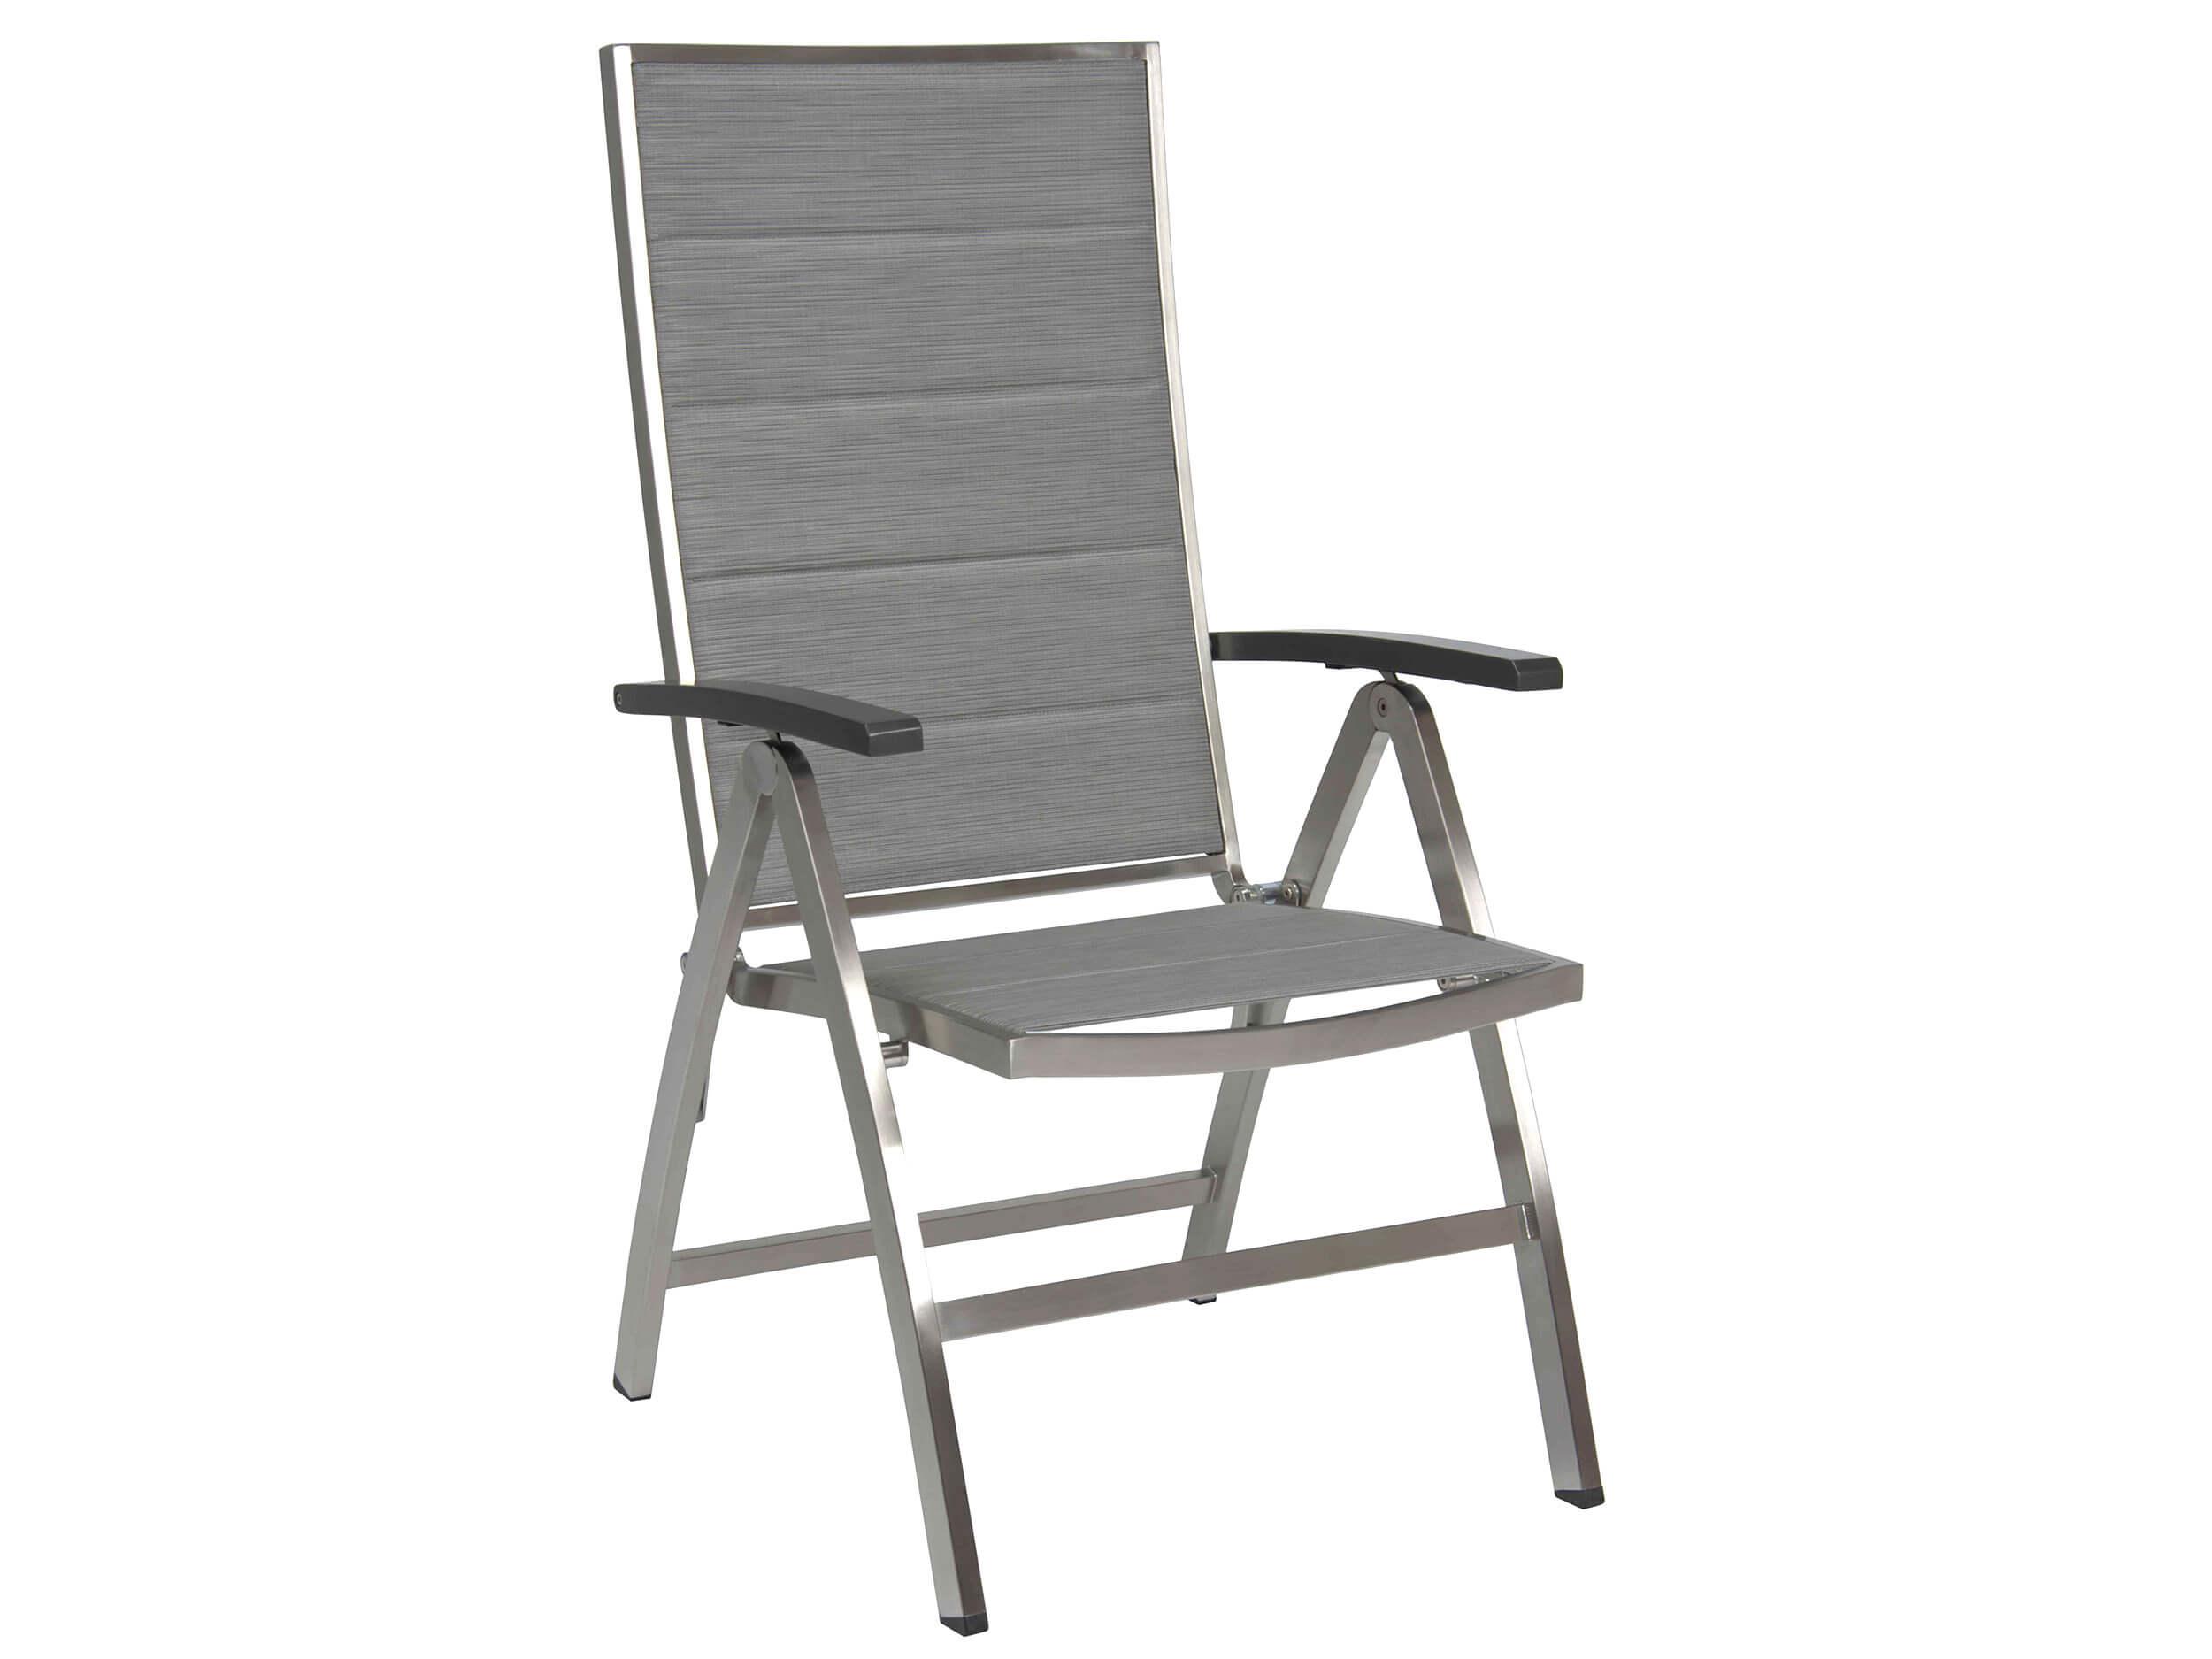 klappst hle klappsessel garten gartenm bel l nse. Black Bedroom Furniture Sets. Home Design Ideas